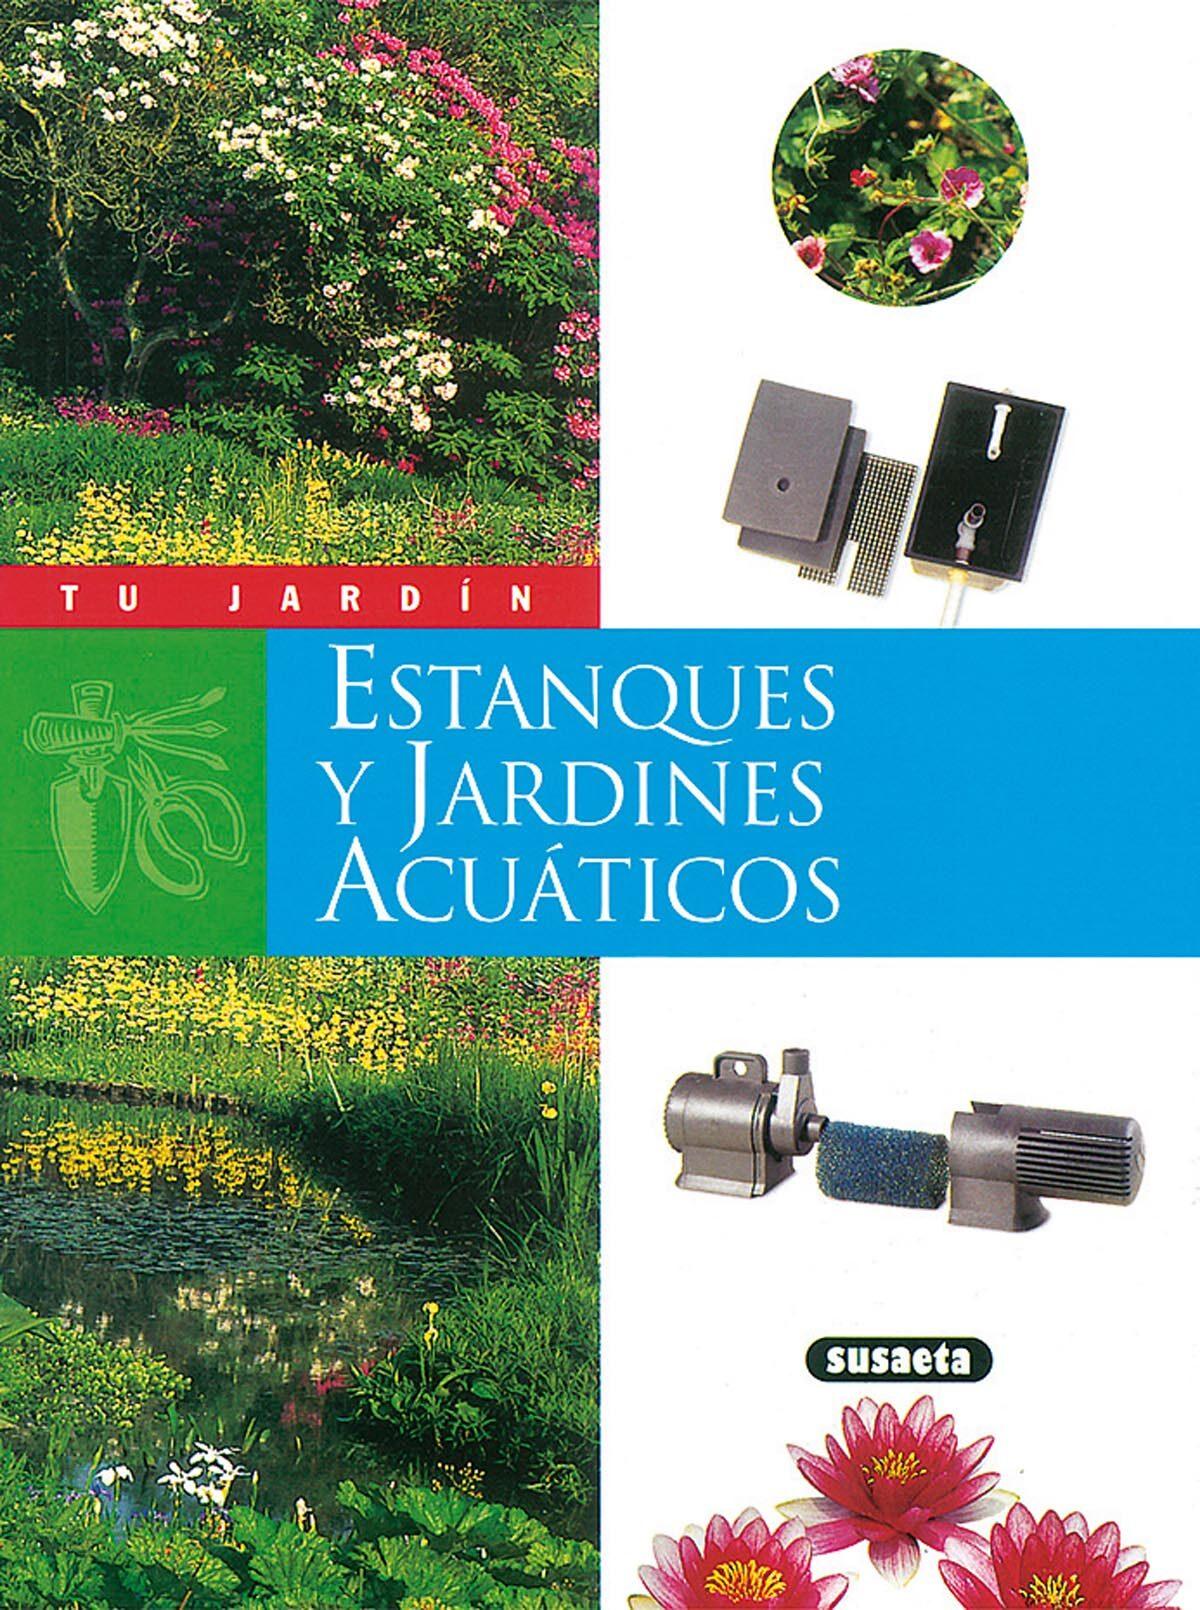 estanques y jardines acuaticos